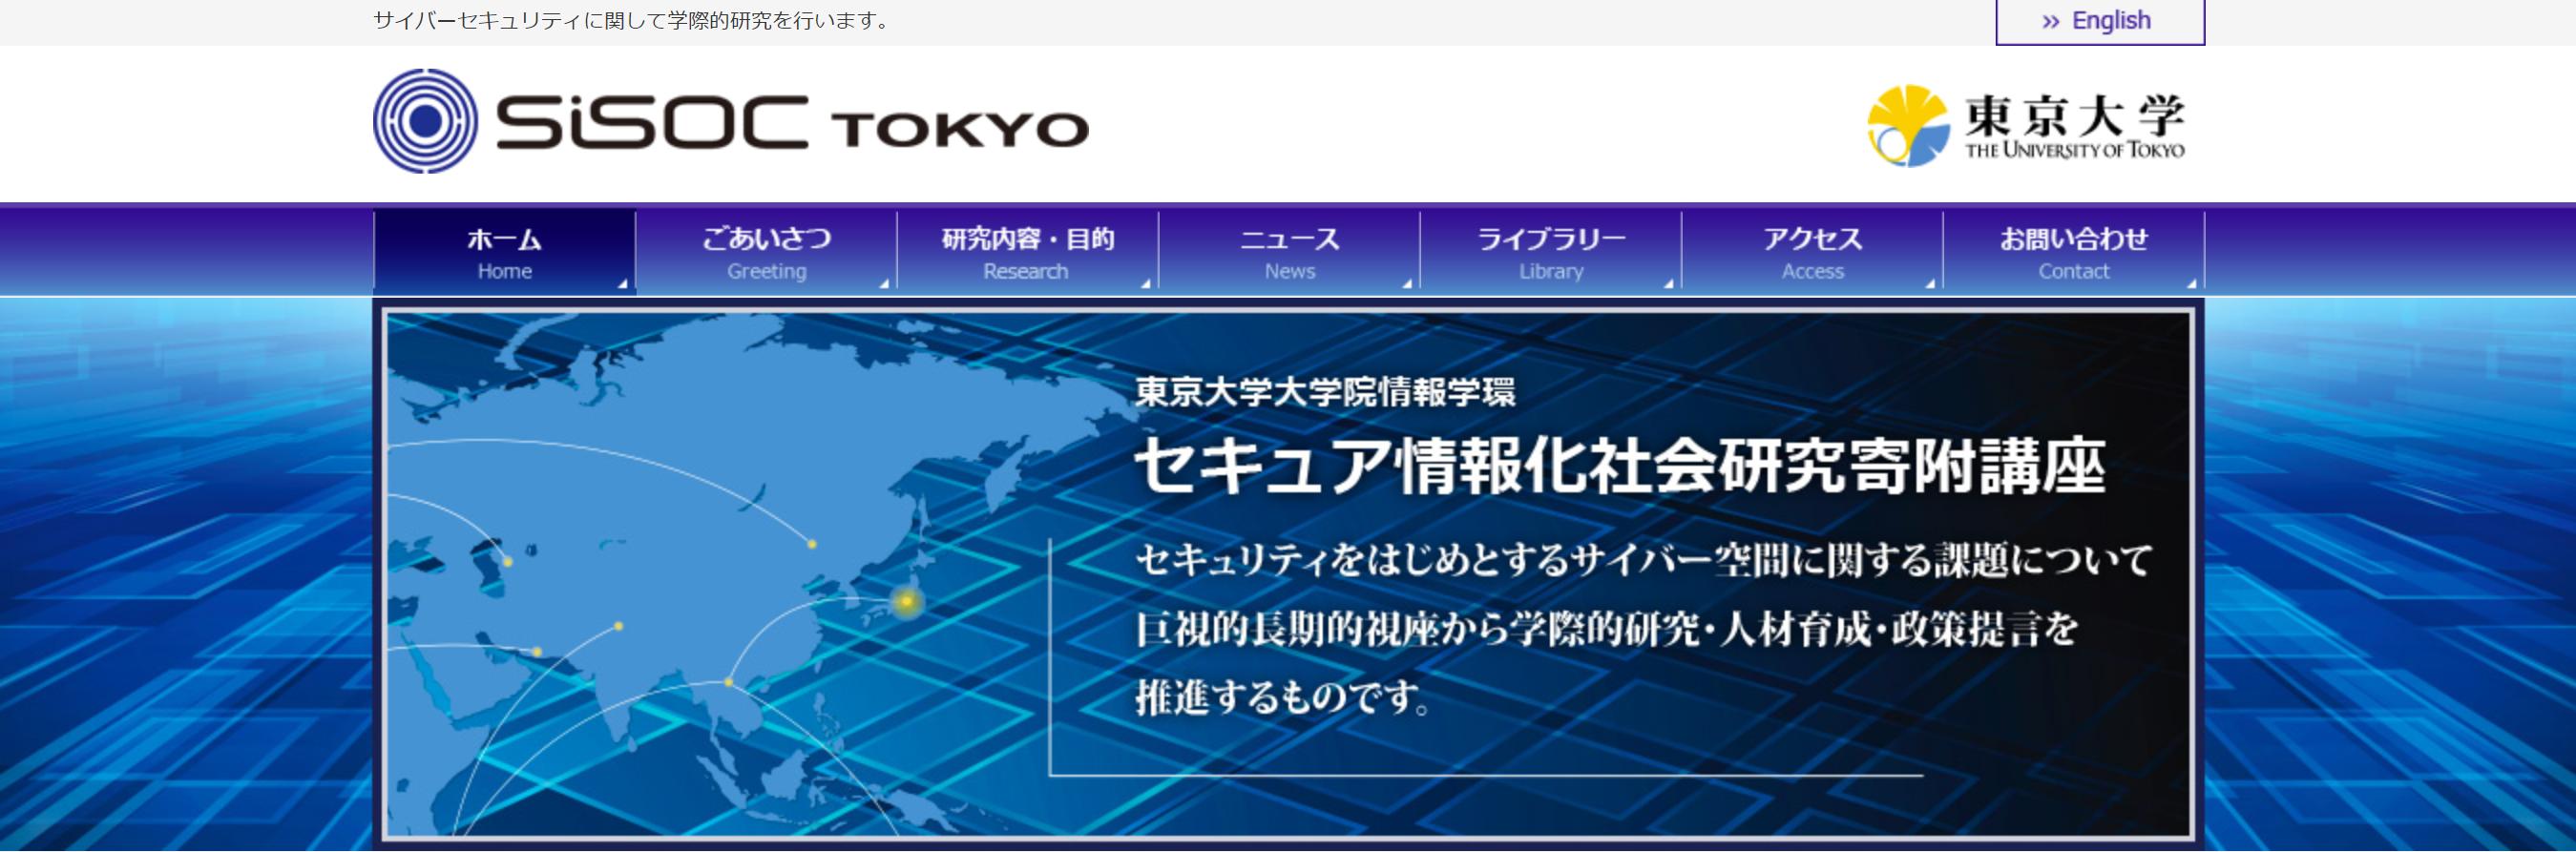 東京大学 先端研究「セキュア寄付講座活動報告会」開催